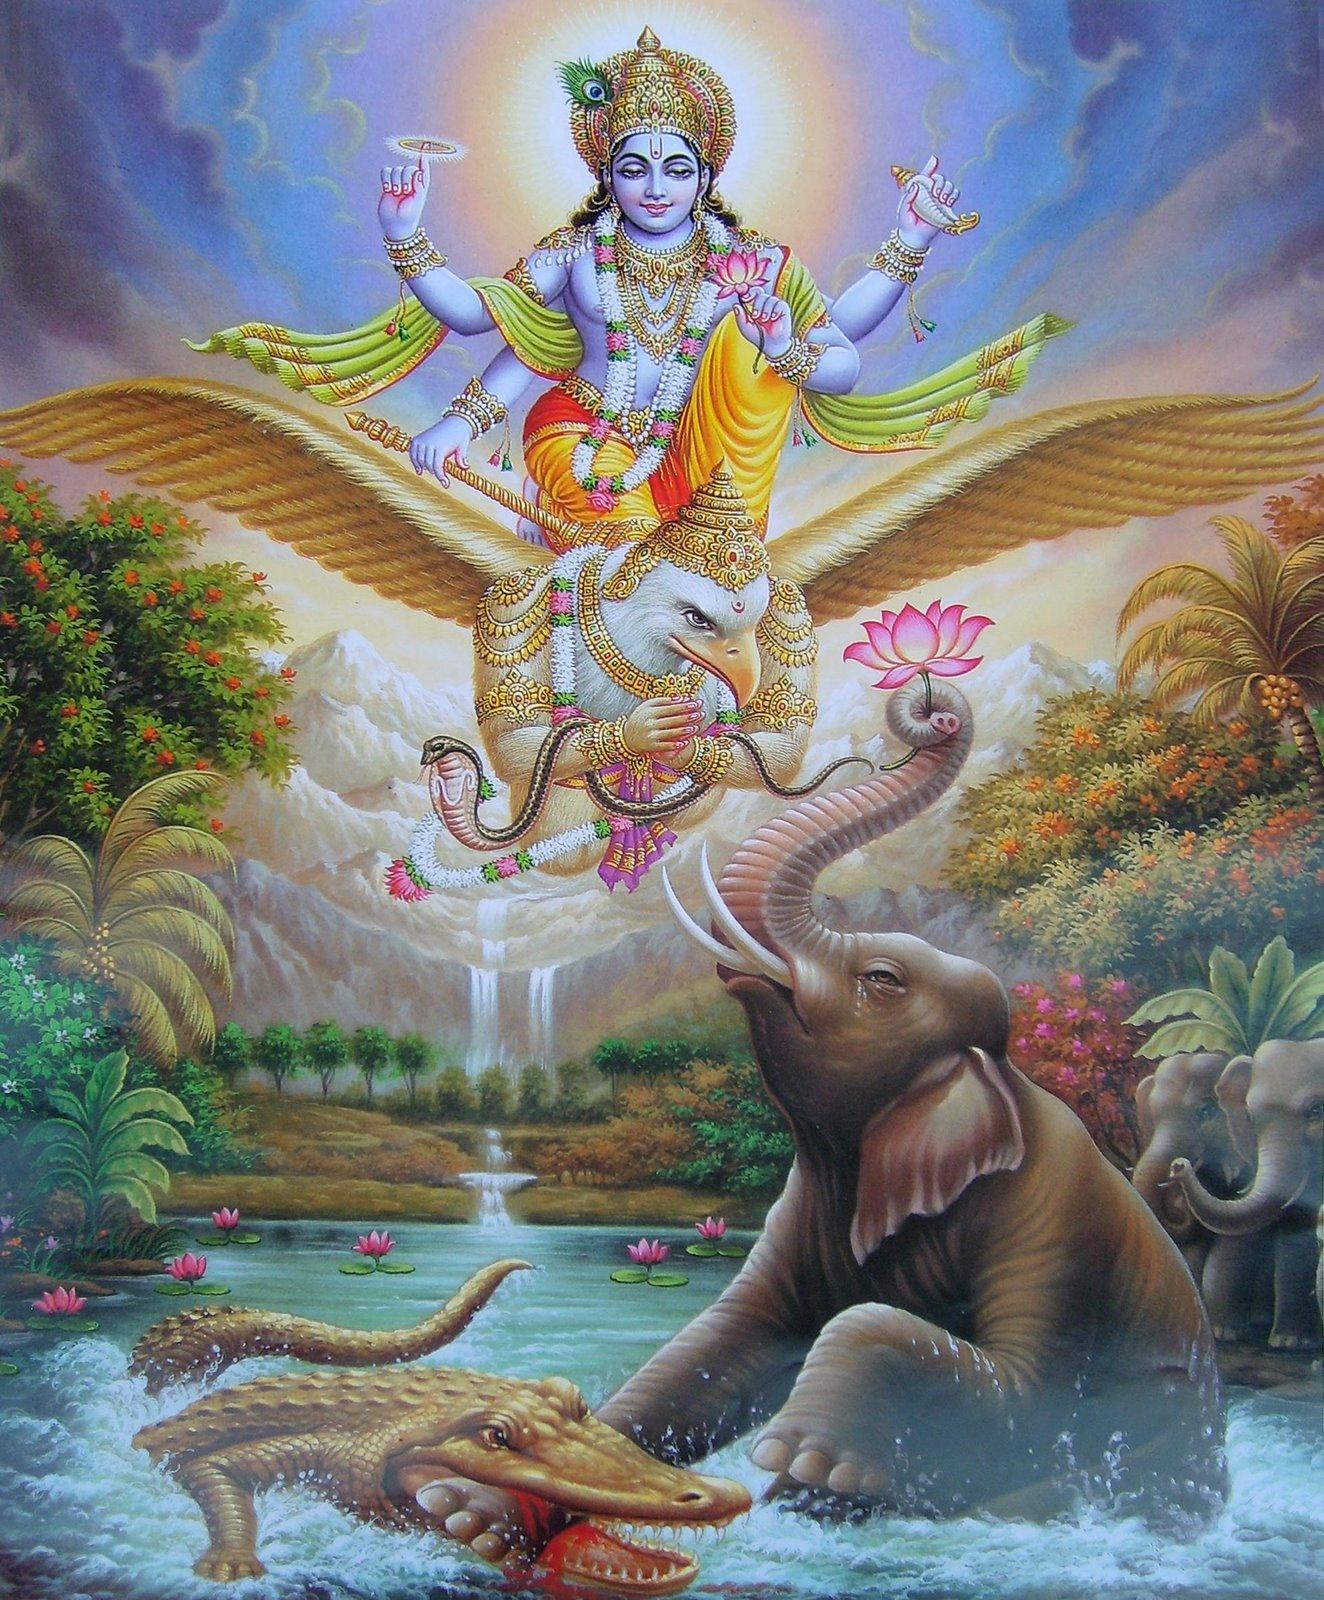 gajendra offers prayers